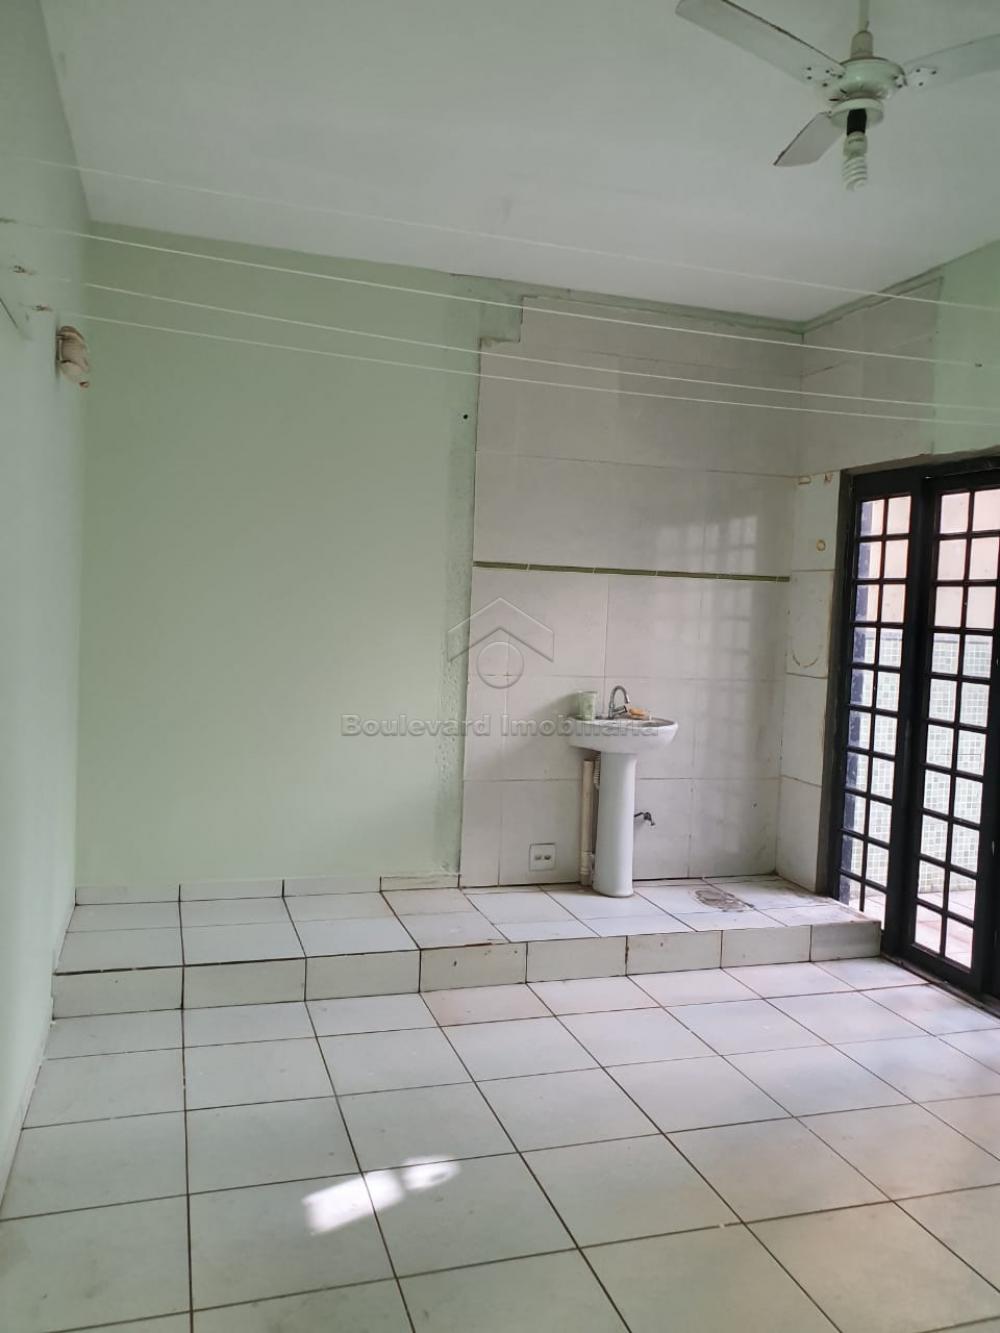 Alugar Comercial / Casa em Ribeirão Preto apenas R$ 1.500,00 - Foto 7